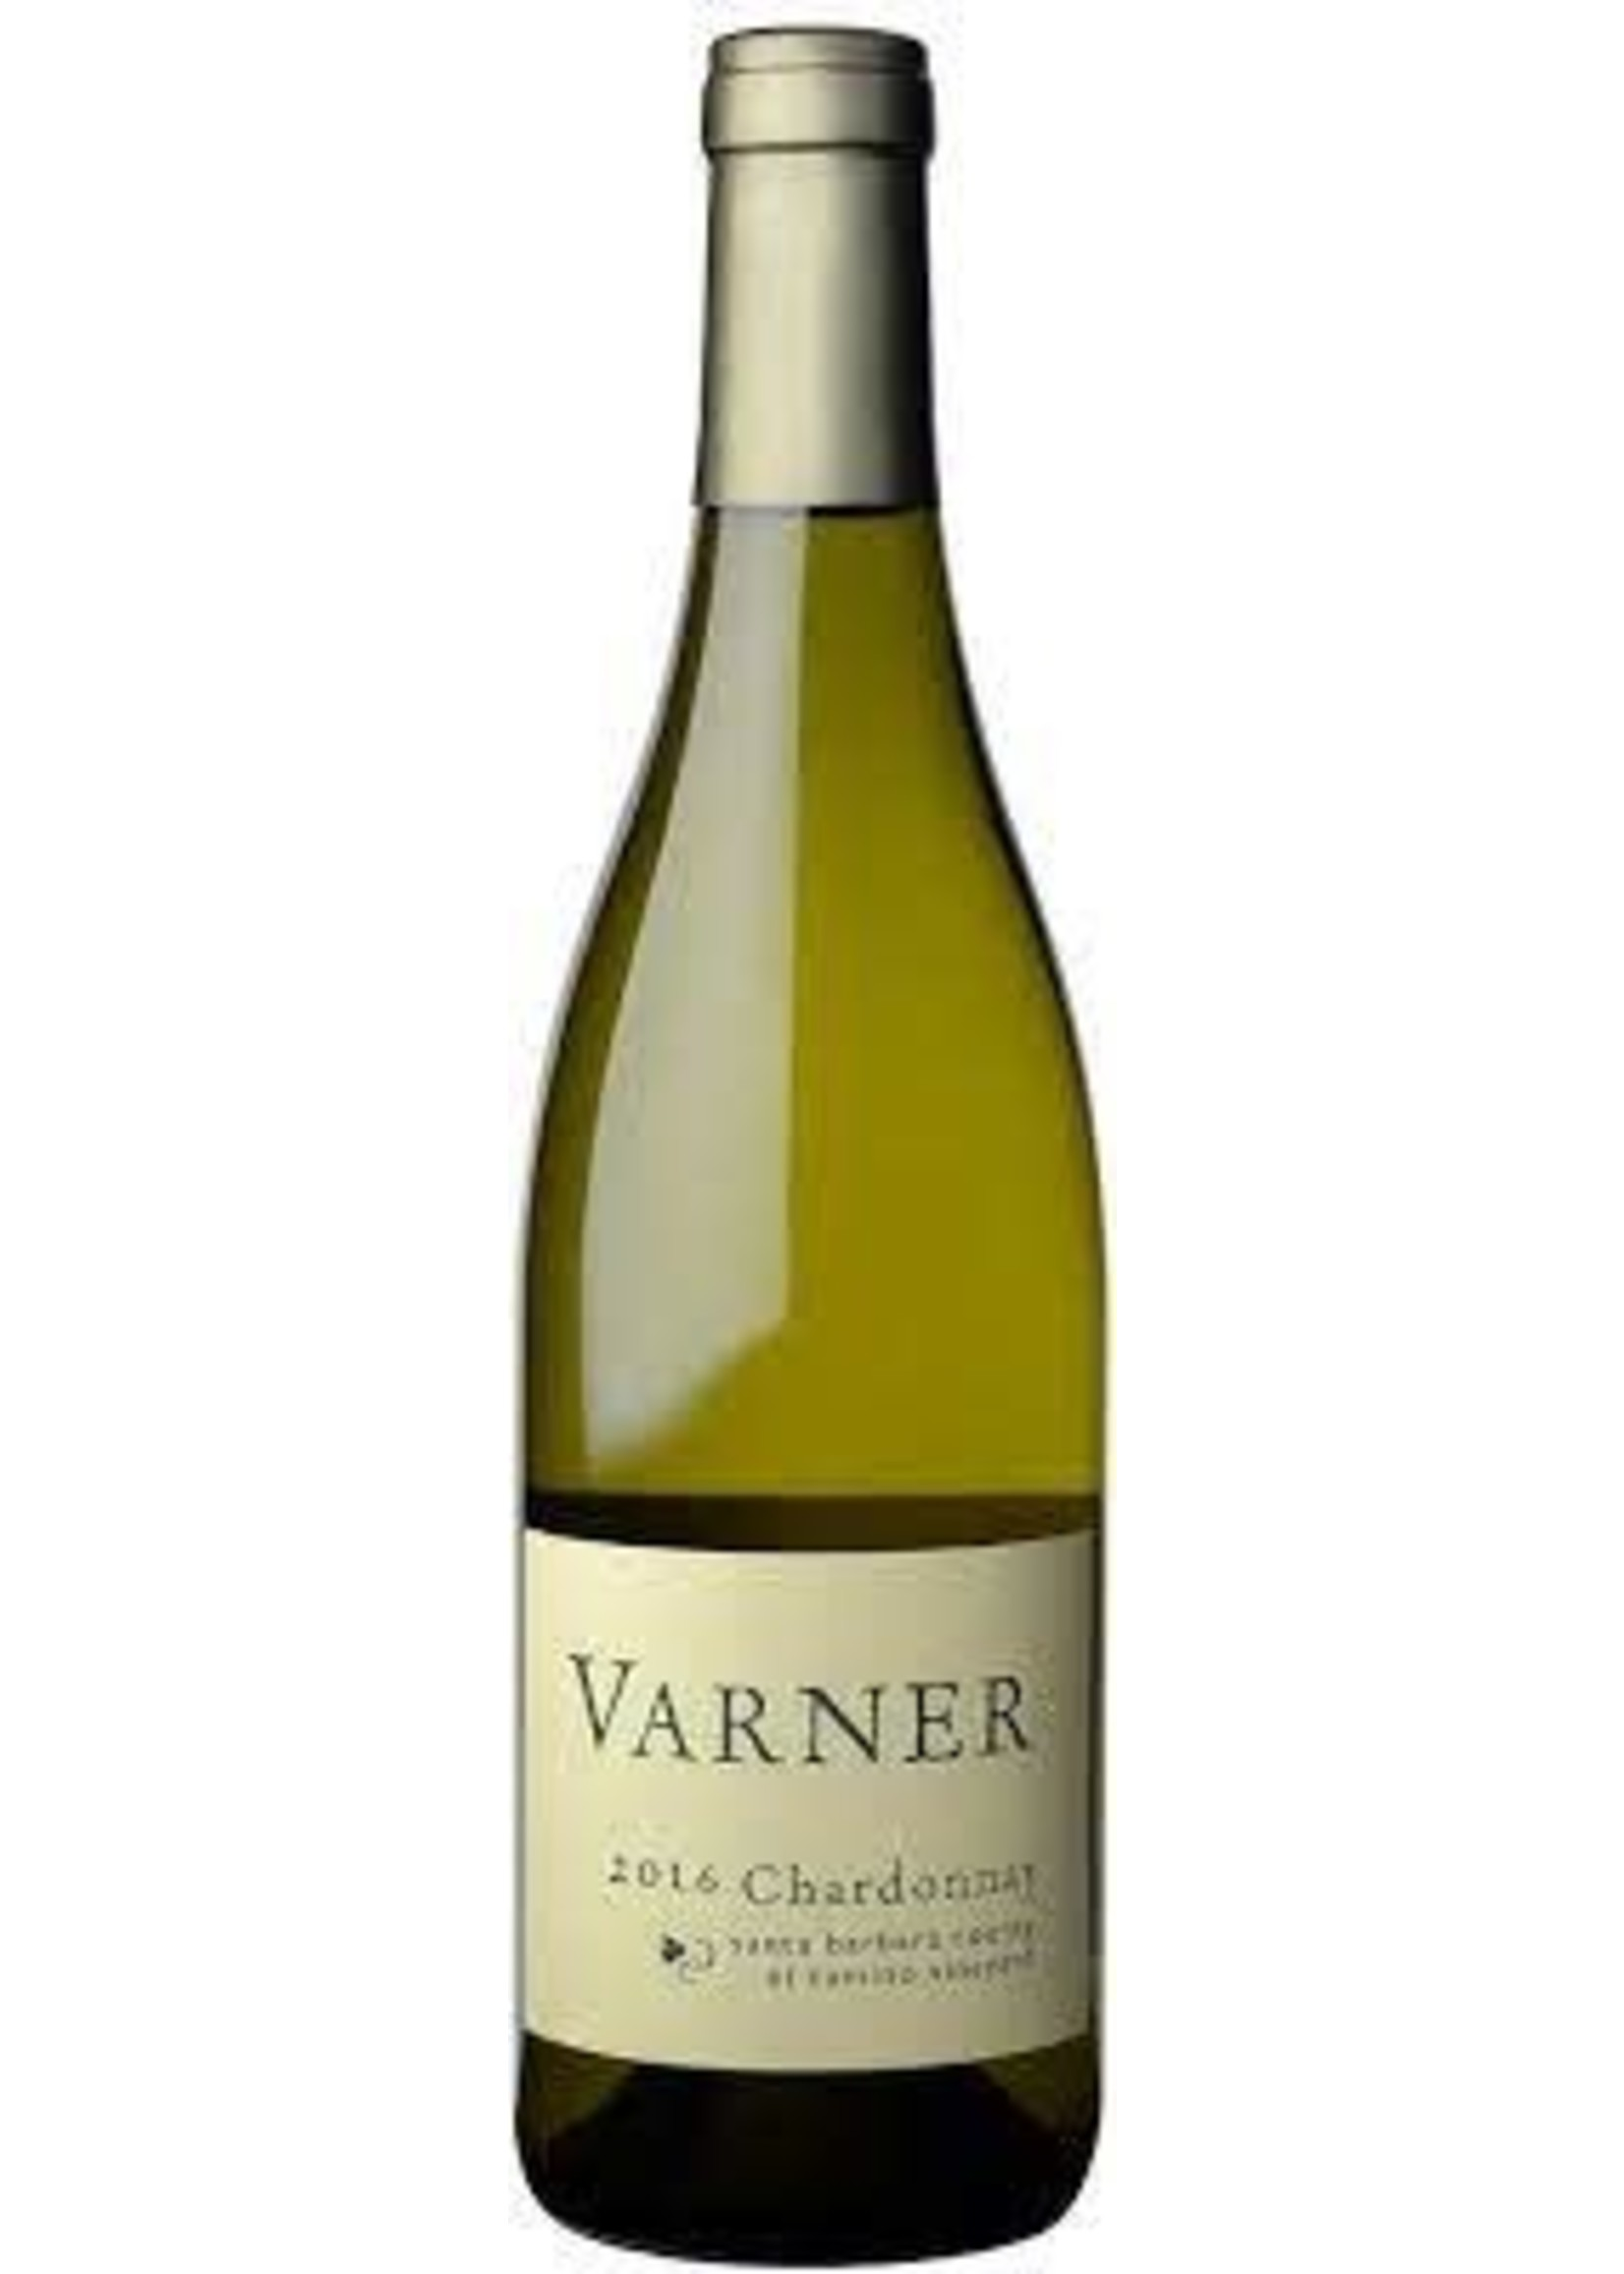 Varner 2016 Chardonnay El Camino Vyd 750ml